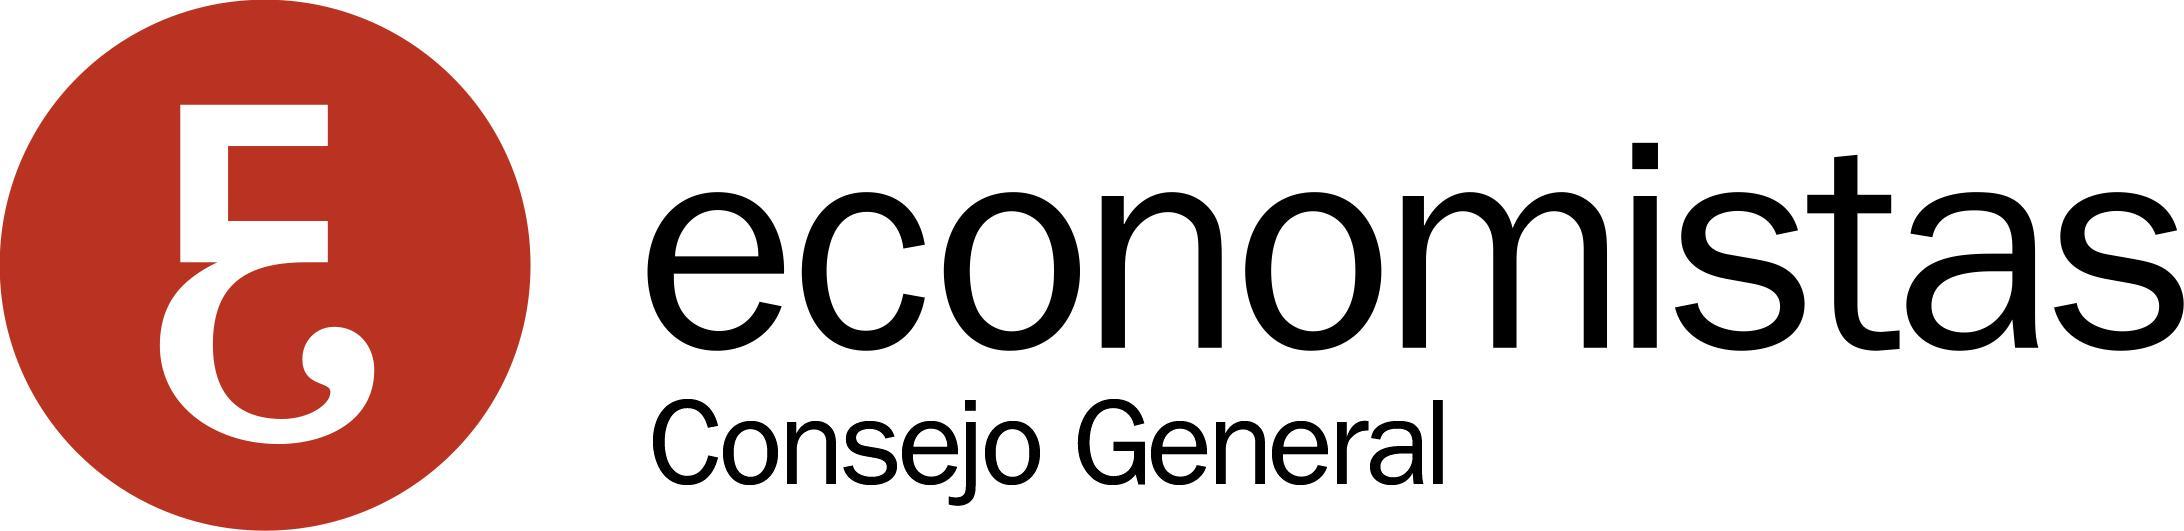 Consejo_general_economistas